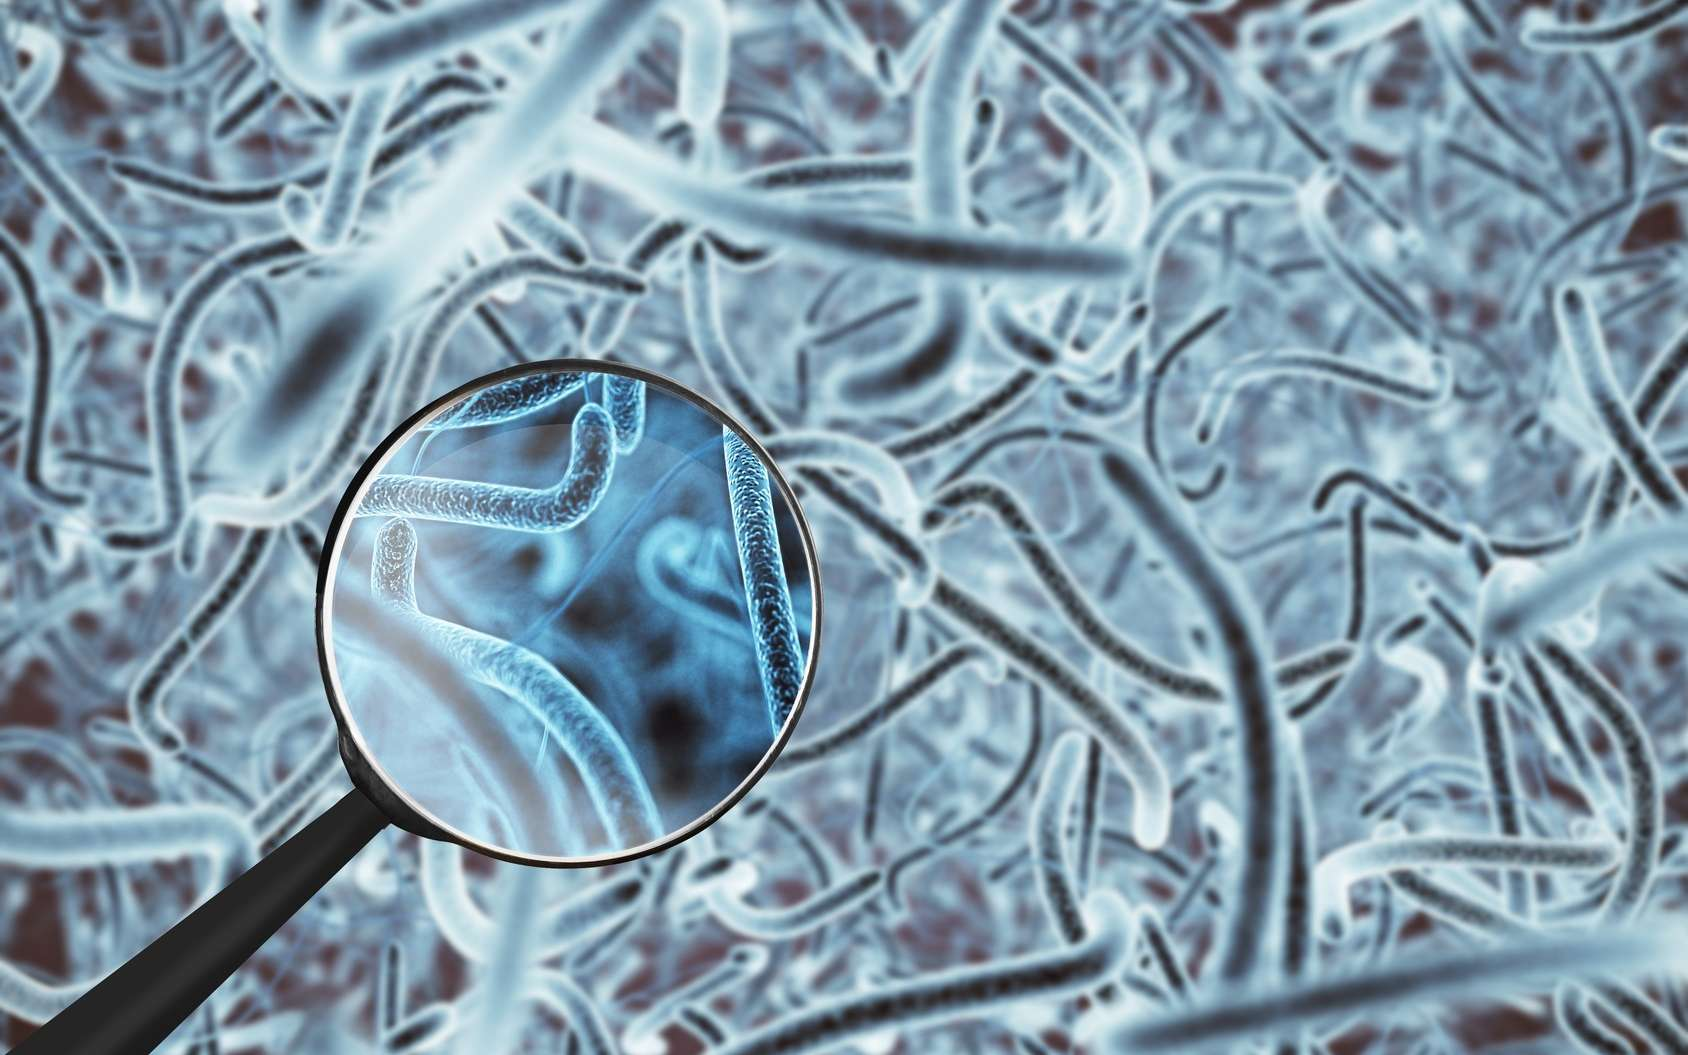 Une bactérie intestinale connue pour quitter l'intestin pour d'autres organes pourrait favoriser une réponse auto-immune chez des personnes prédisposées. © peshkova, Fotolia